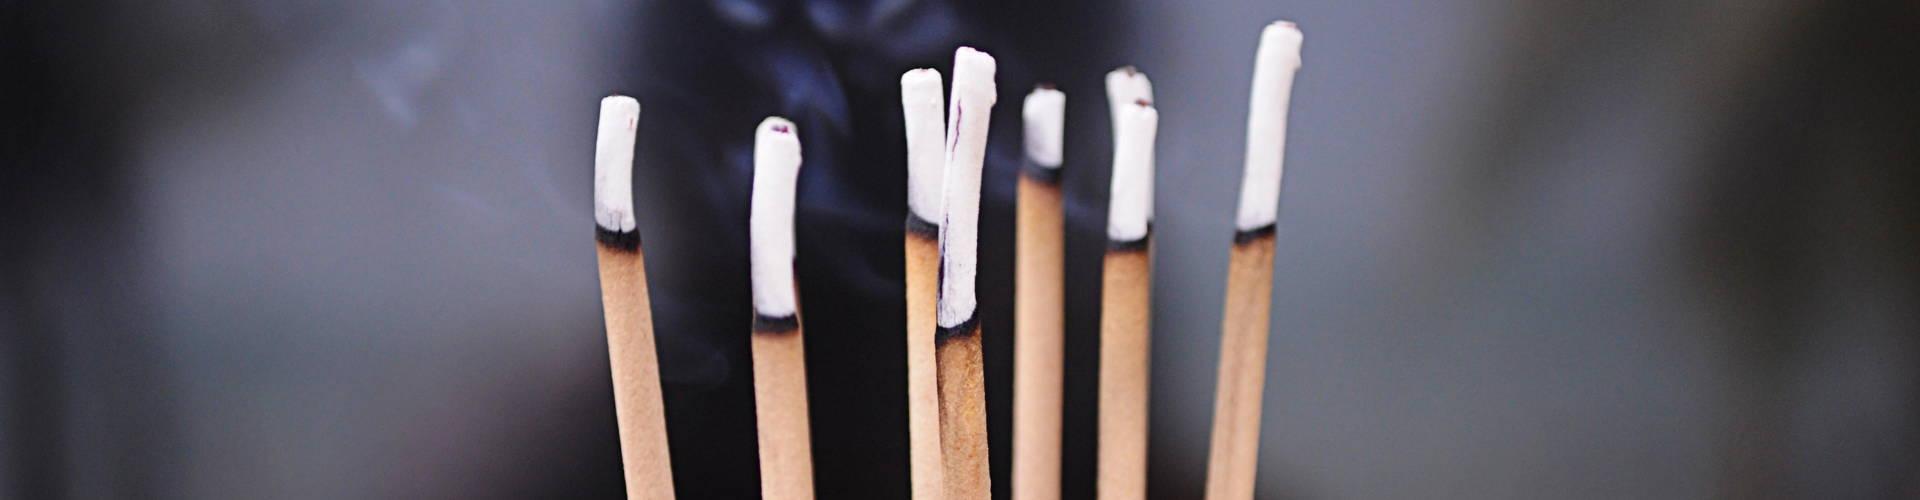 incense sticks for home